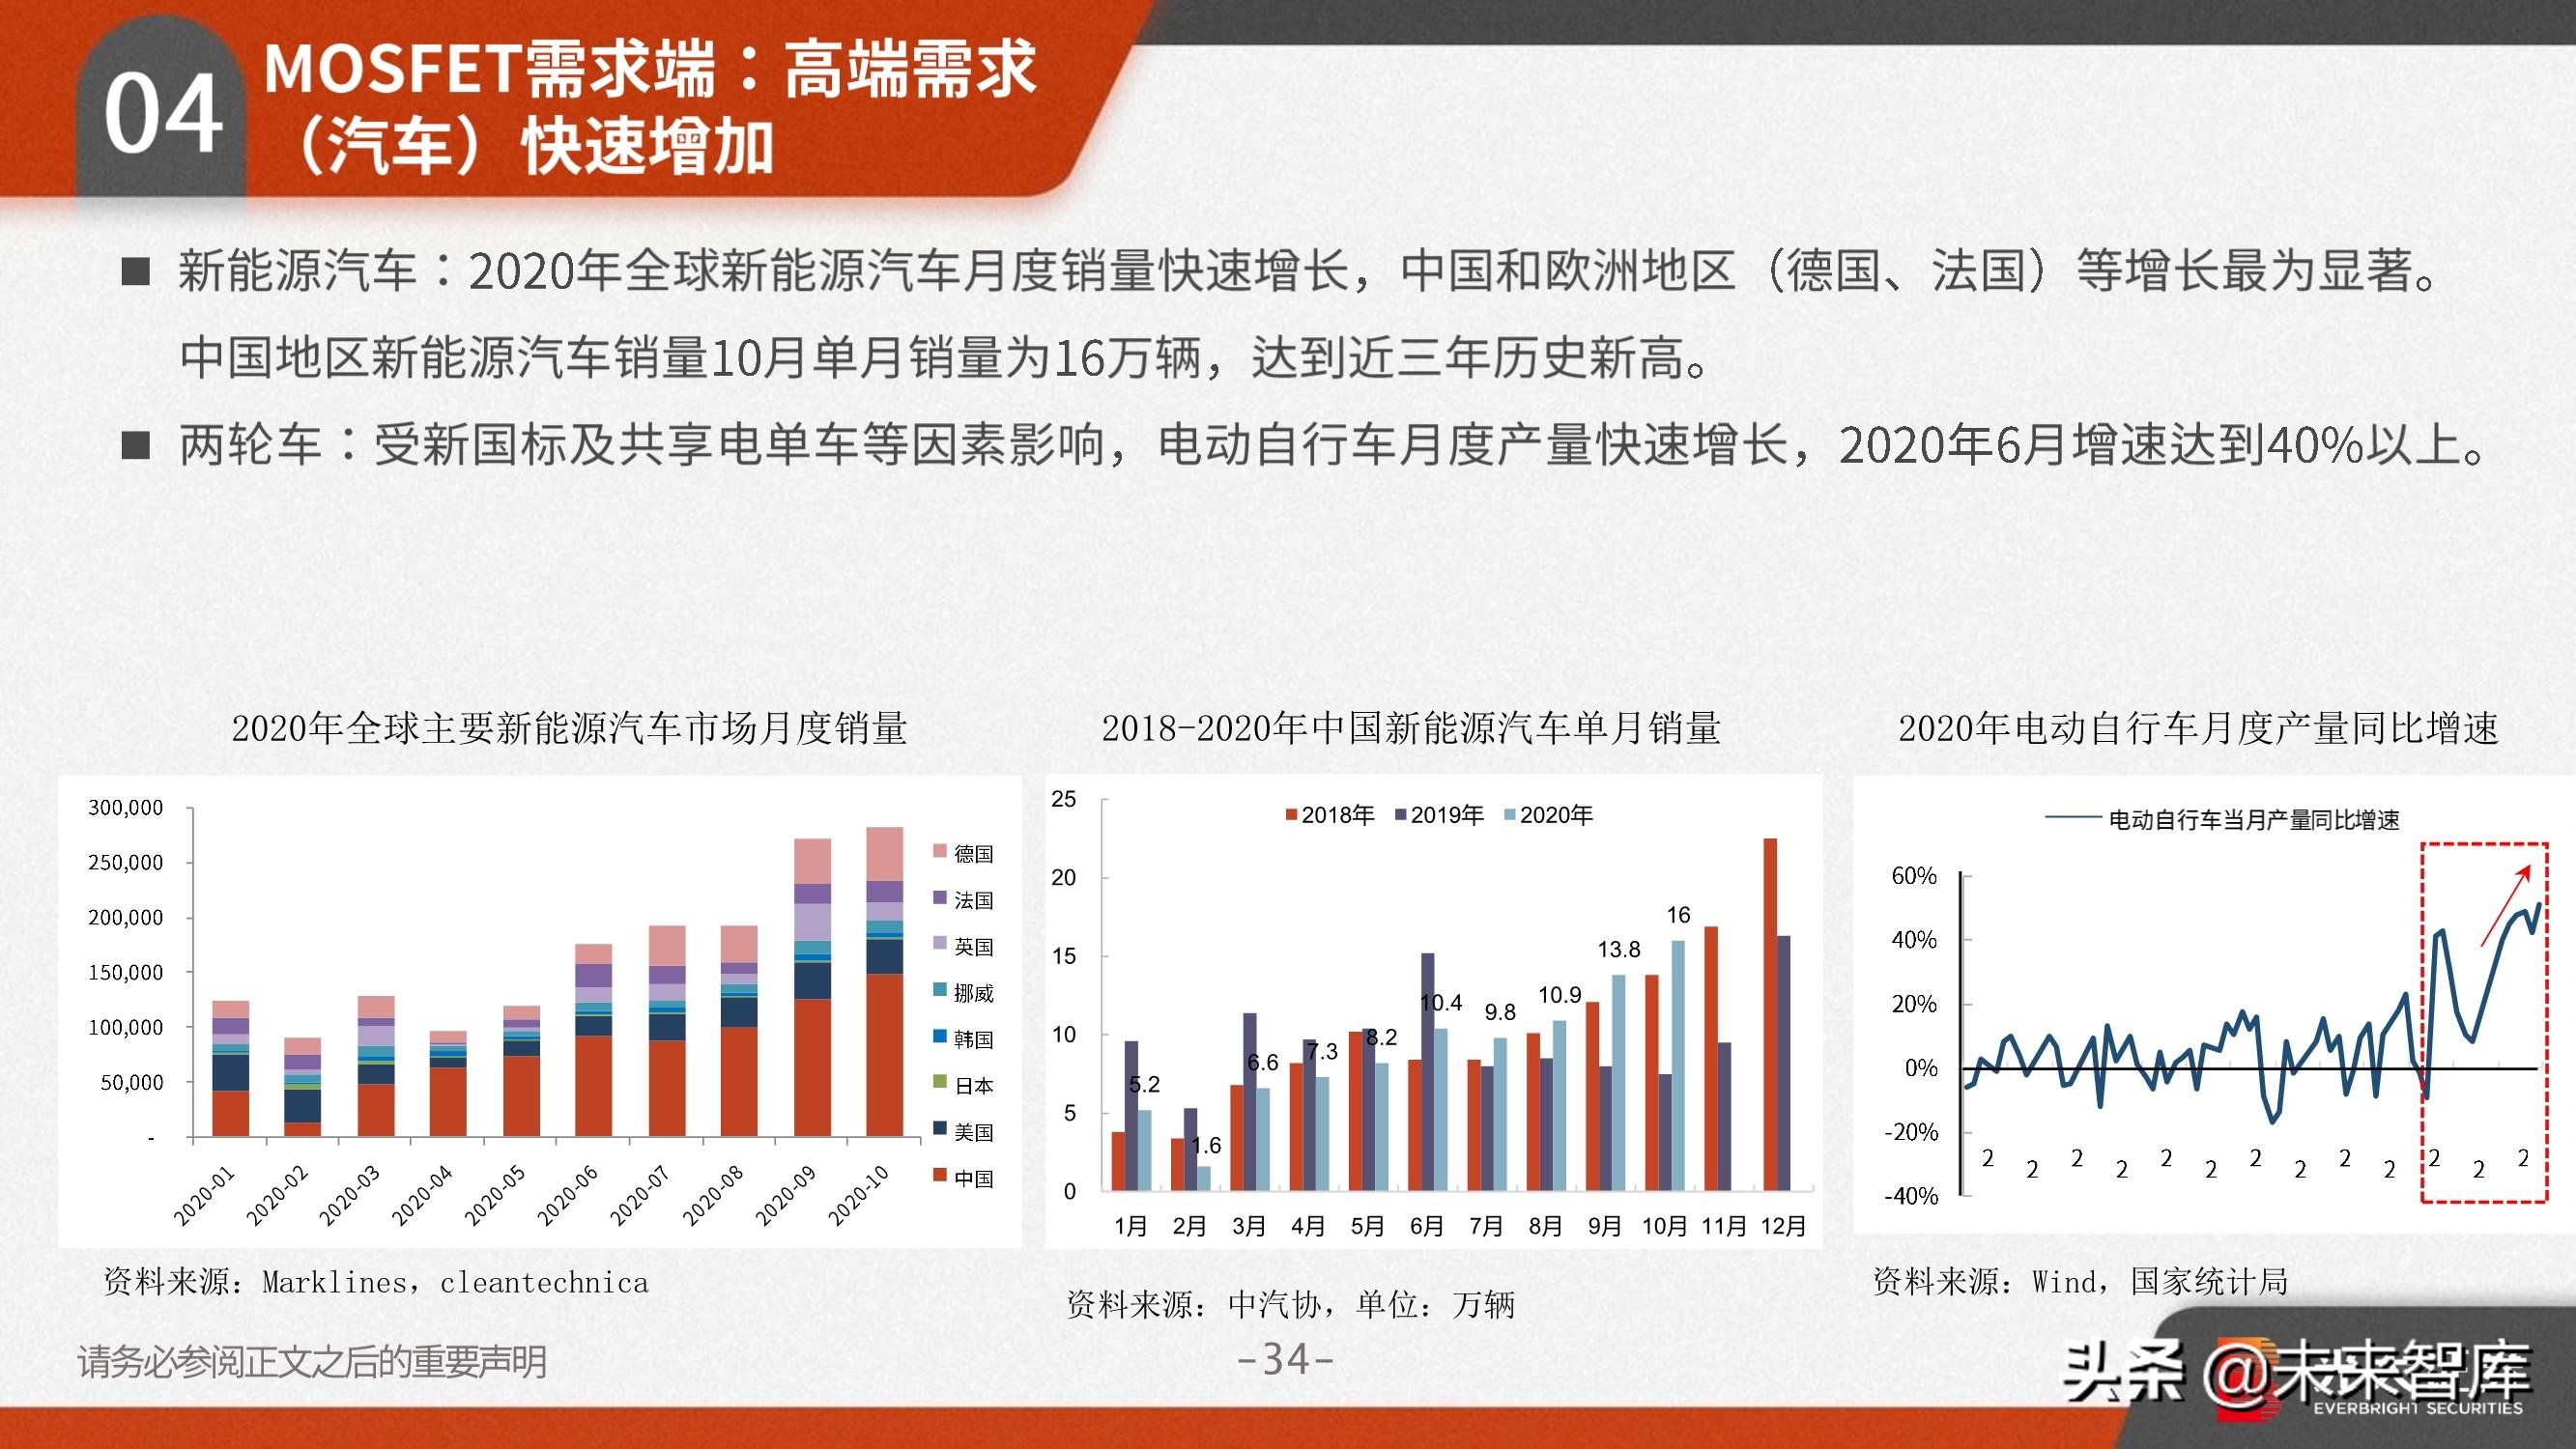 功率半导体行业研究:需求向好+供给受限,高景气驱动涨价潮